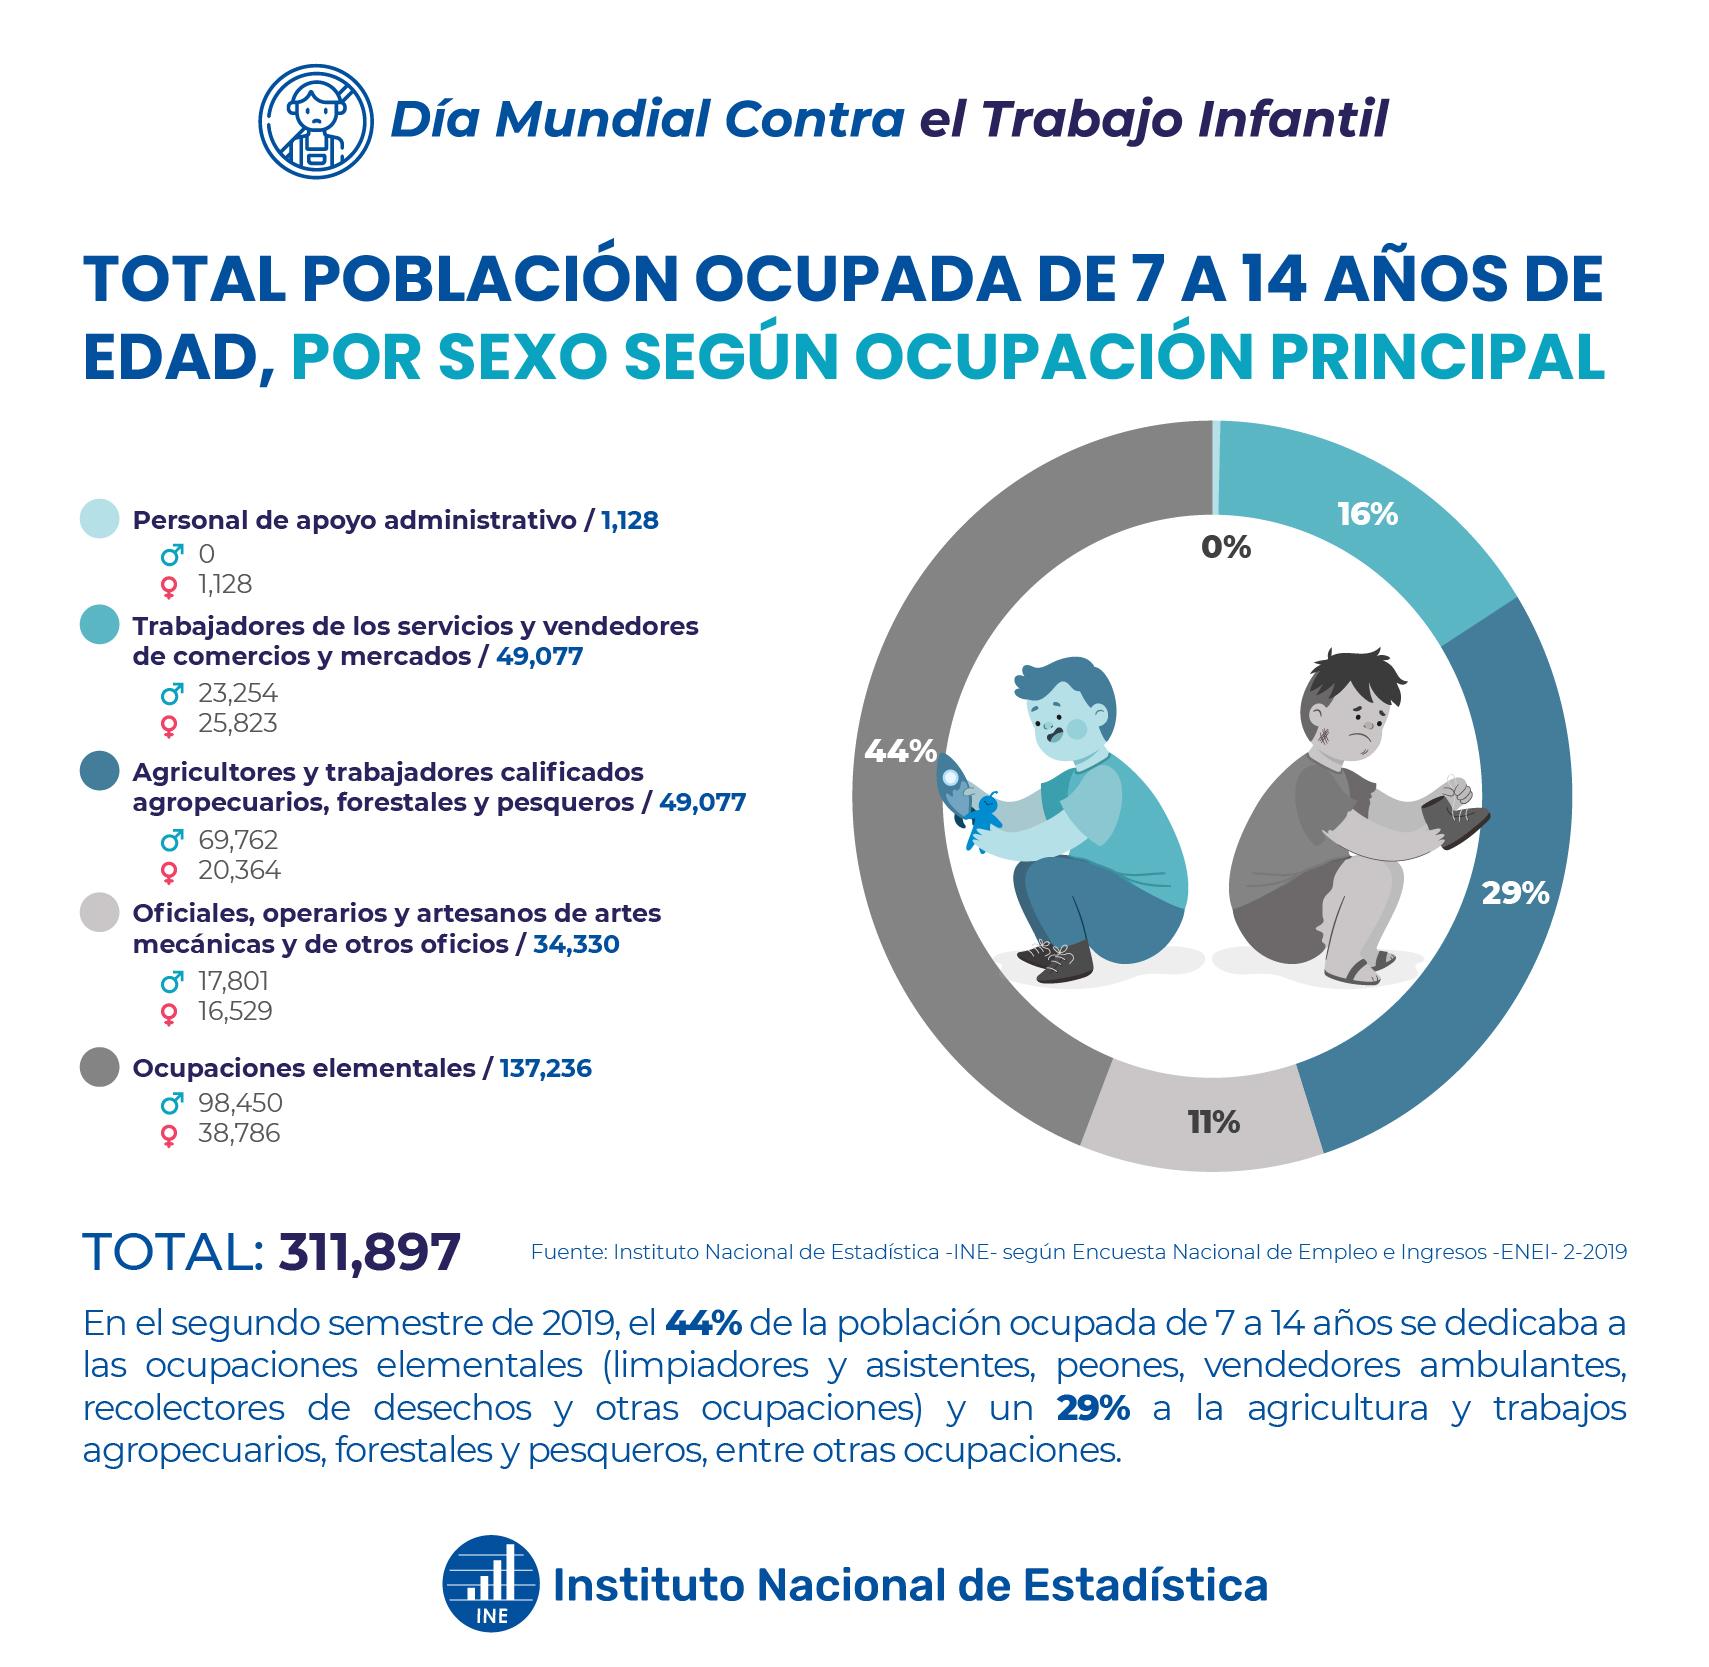 Población ocupada de 7 a 14 años, por sexo según ocupación principal